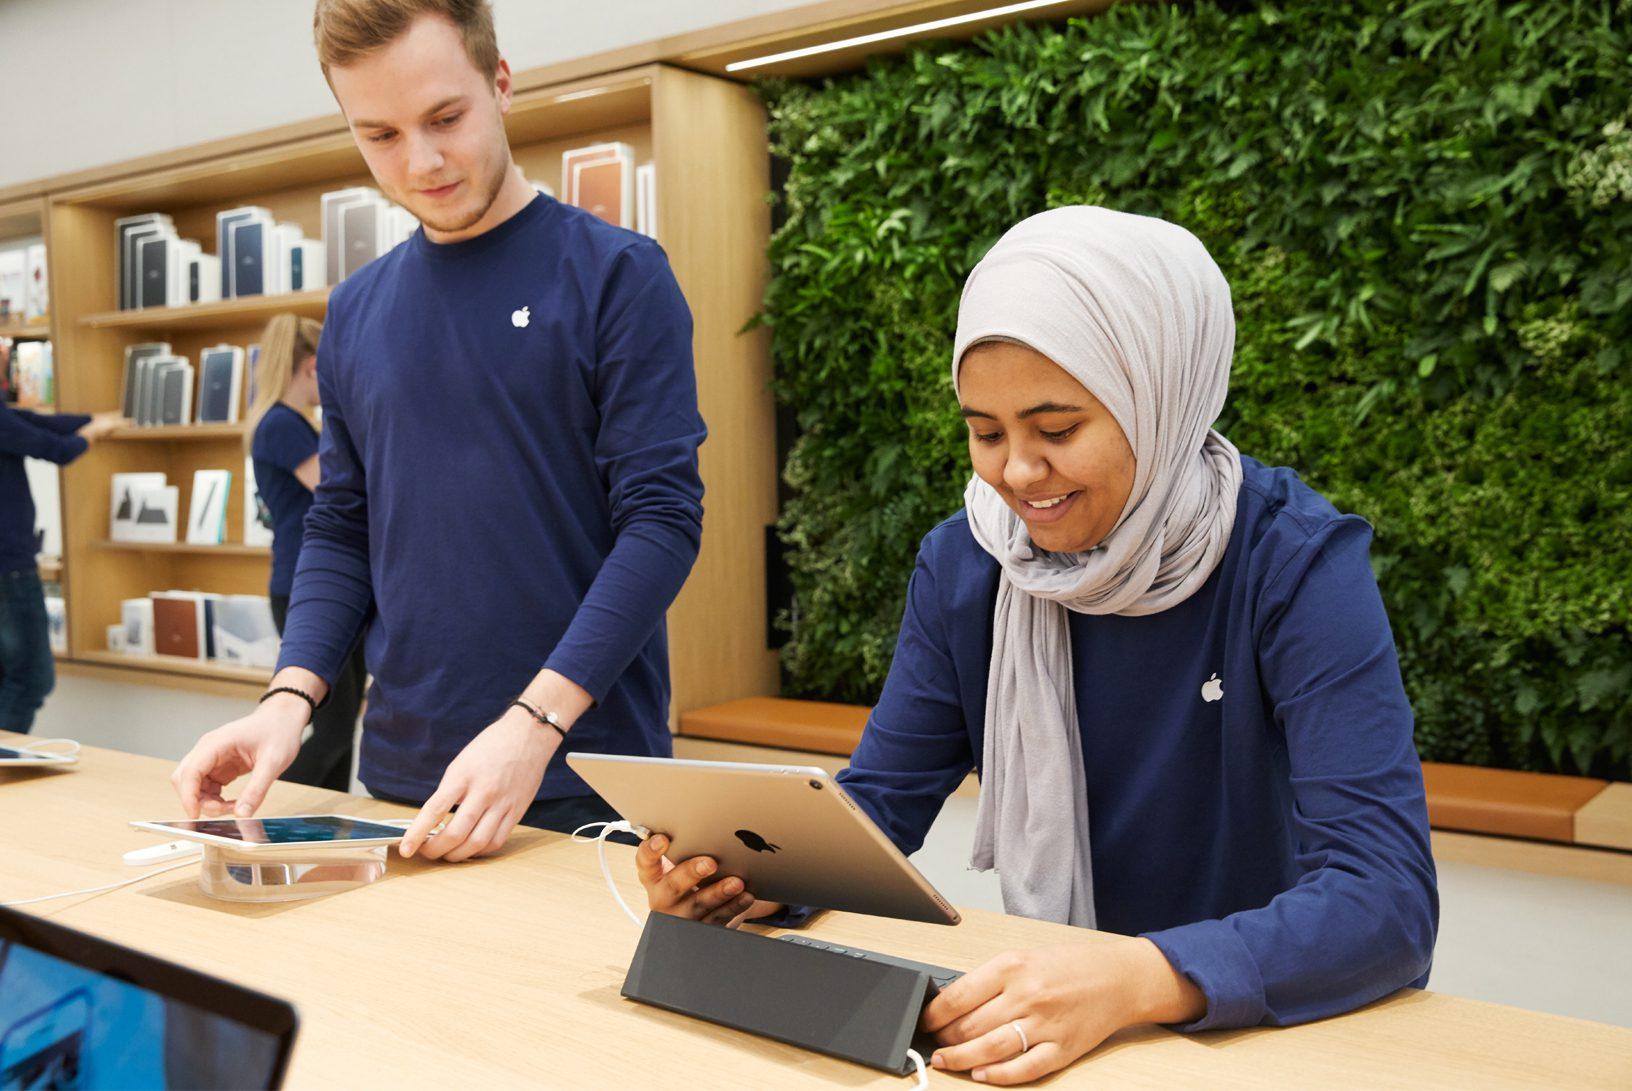 Wenen Apple Store: medewerkers